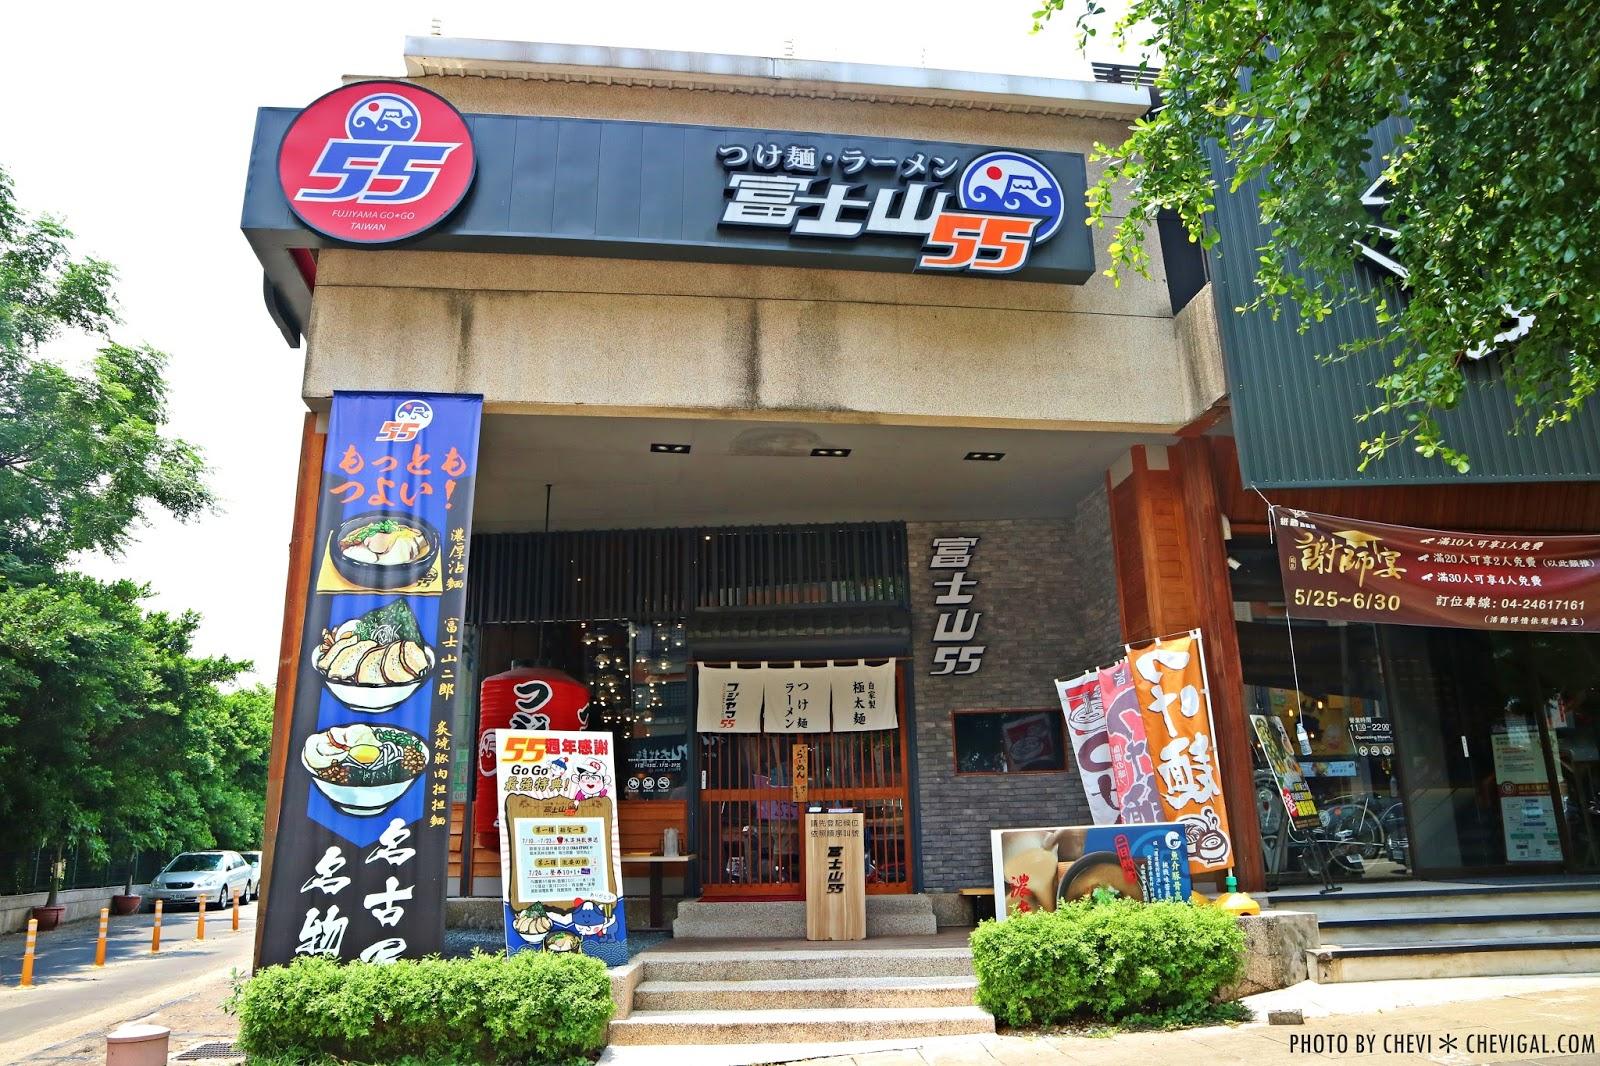 IMG 9747 - 熱血採訪│富士山55沾麵,富士山55周年感謝祭。澎派菜單全新登場。還有免費 Cold Stone冰淇淋請你吃